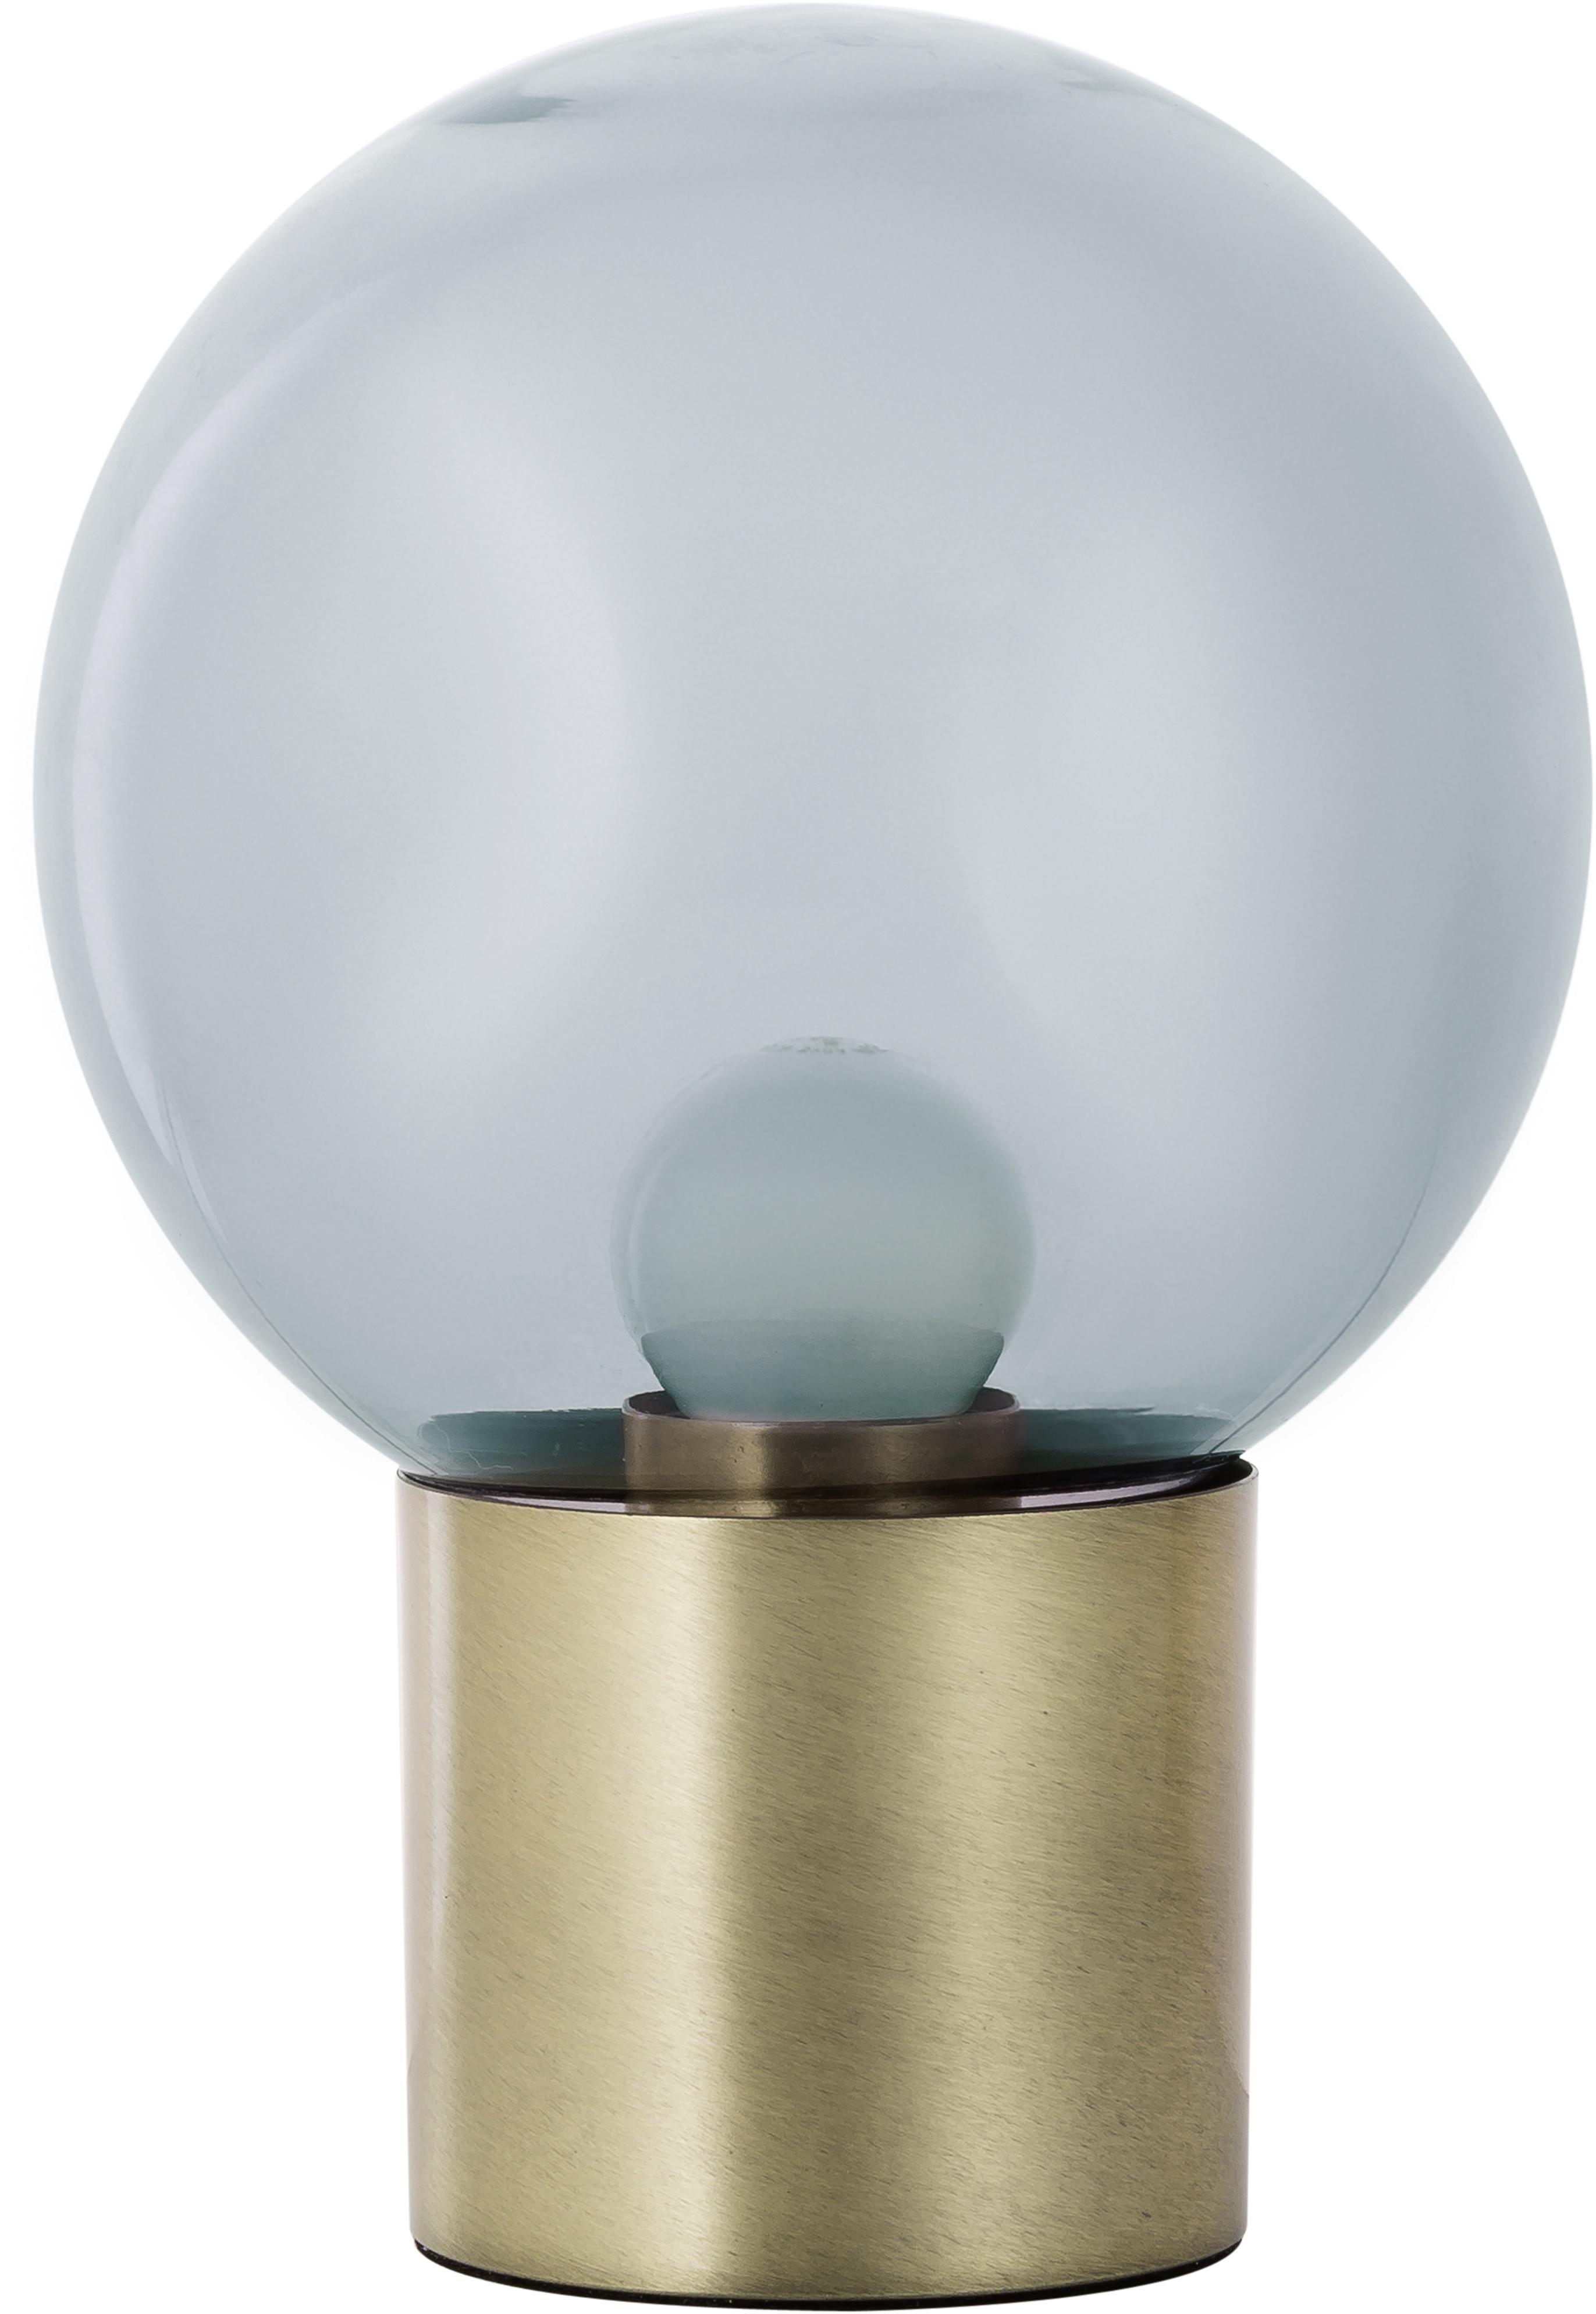 Lámpara de mesa Lark, estilo retro, Pantalla: vidrio, Cable: cubierto en tela, Gris, latón mate, ∅ 17 x Al 24 cm